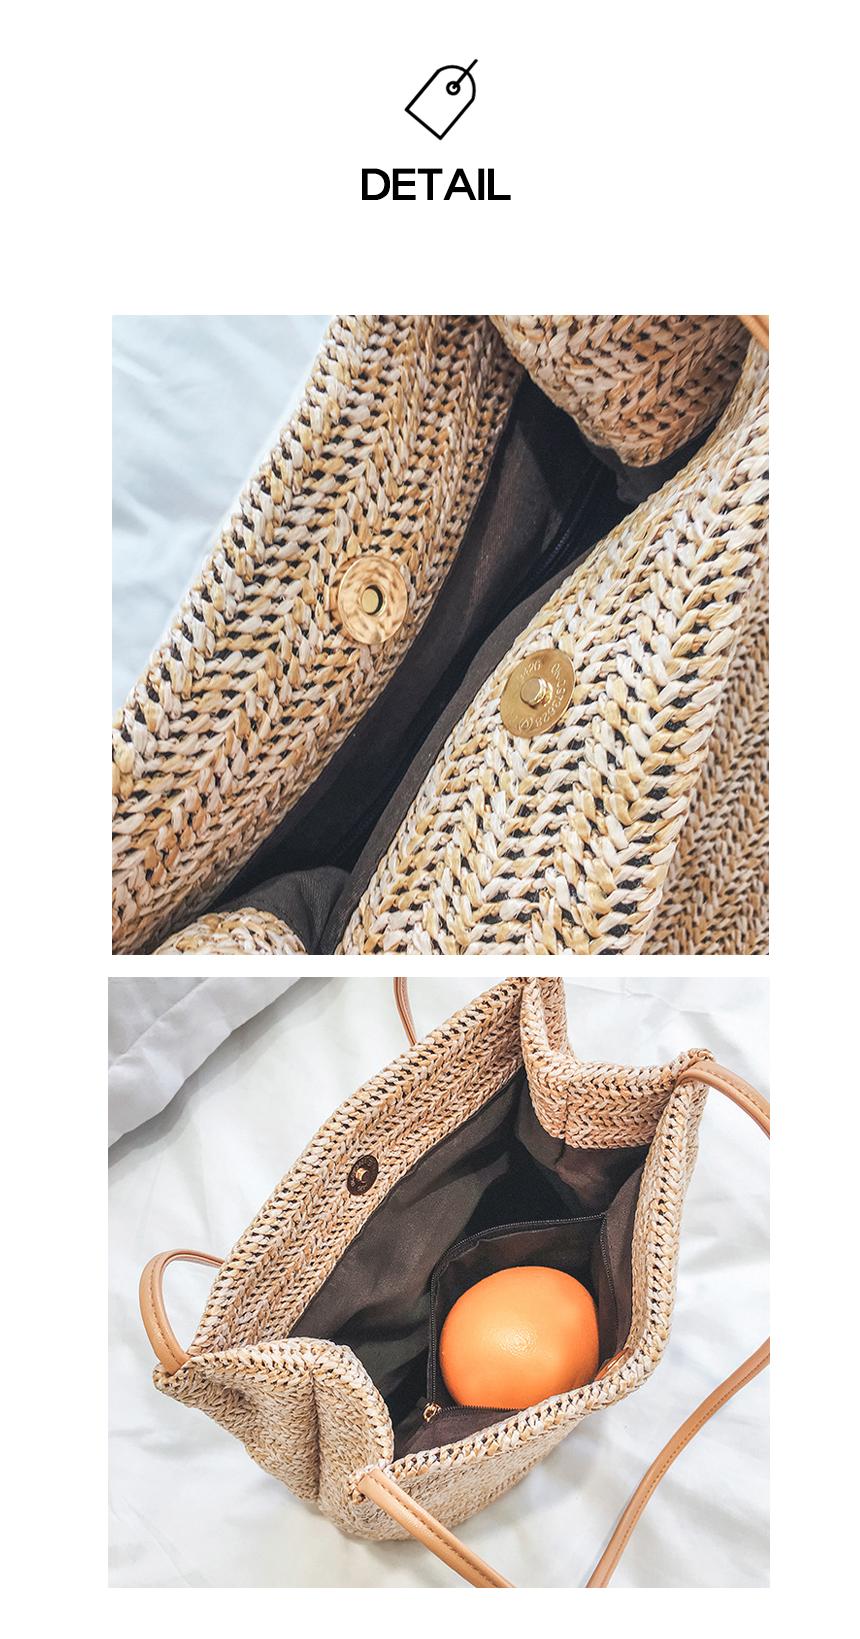 라탄백 왕골가방 비치가방 밀짚가방 - 몽트노블, 9,790원, 계절백, 라탄백